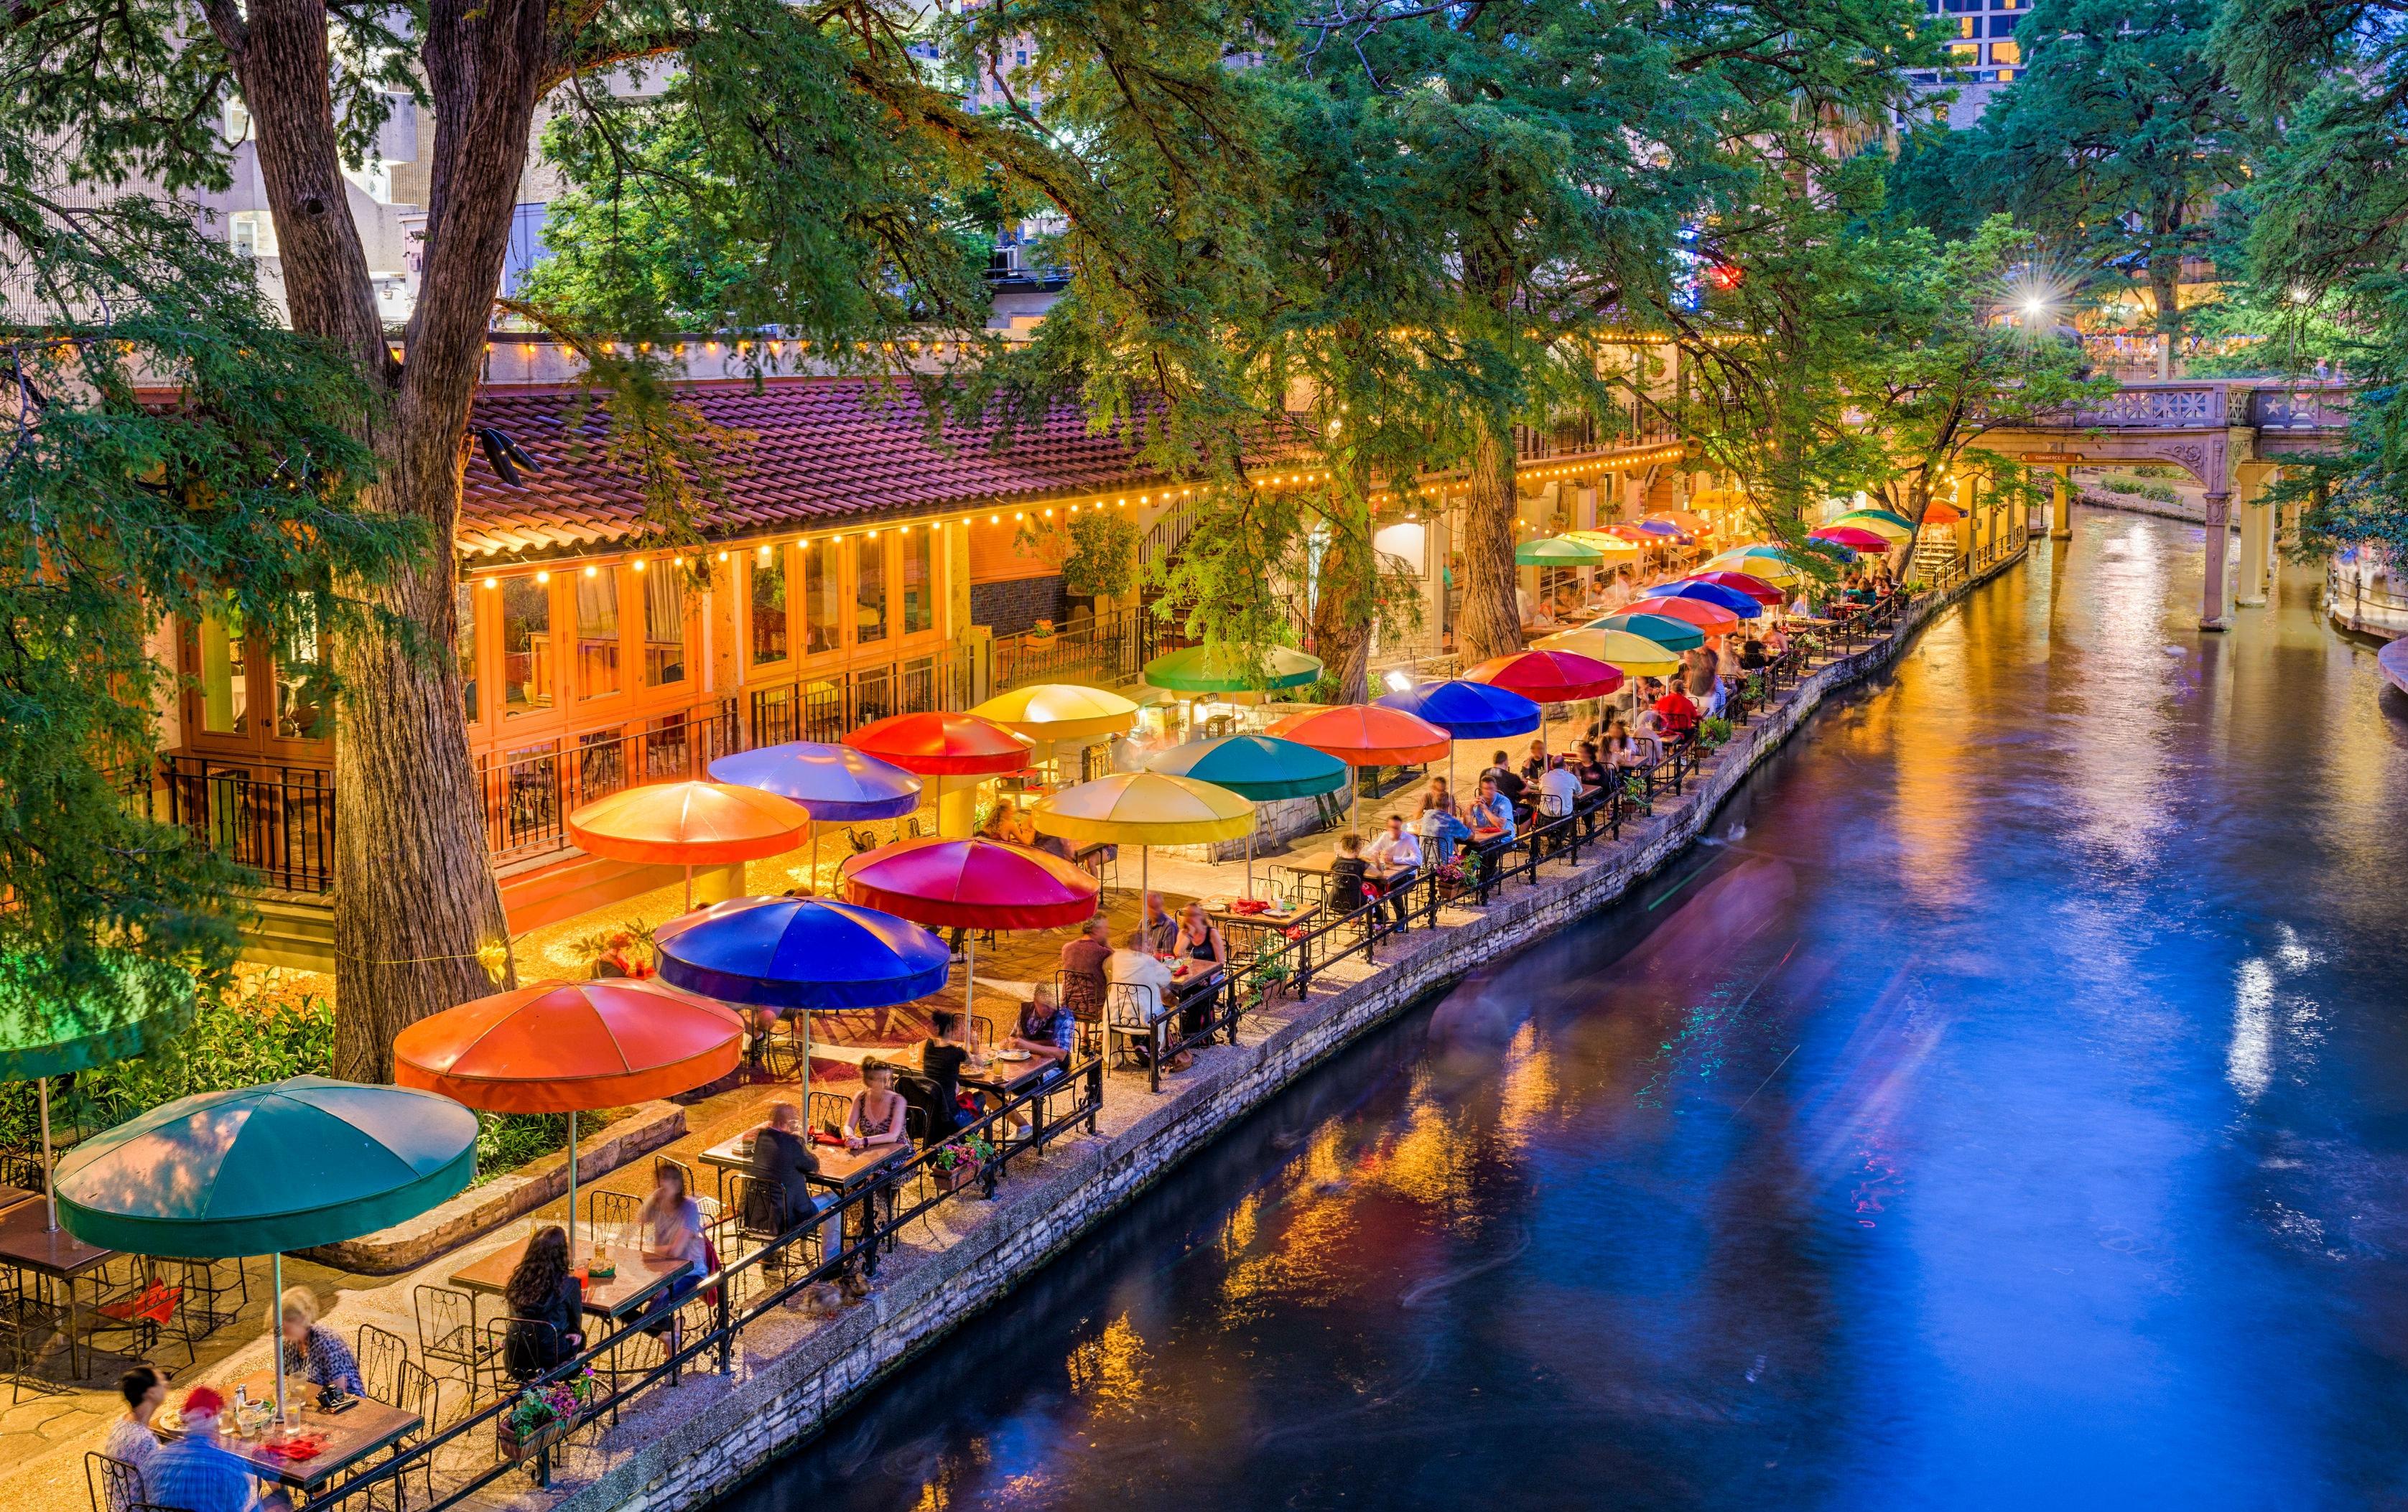 San Antonio, Texas, colorida y colonial, es perfecta para hacer turismo gastronómico.